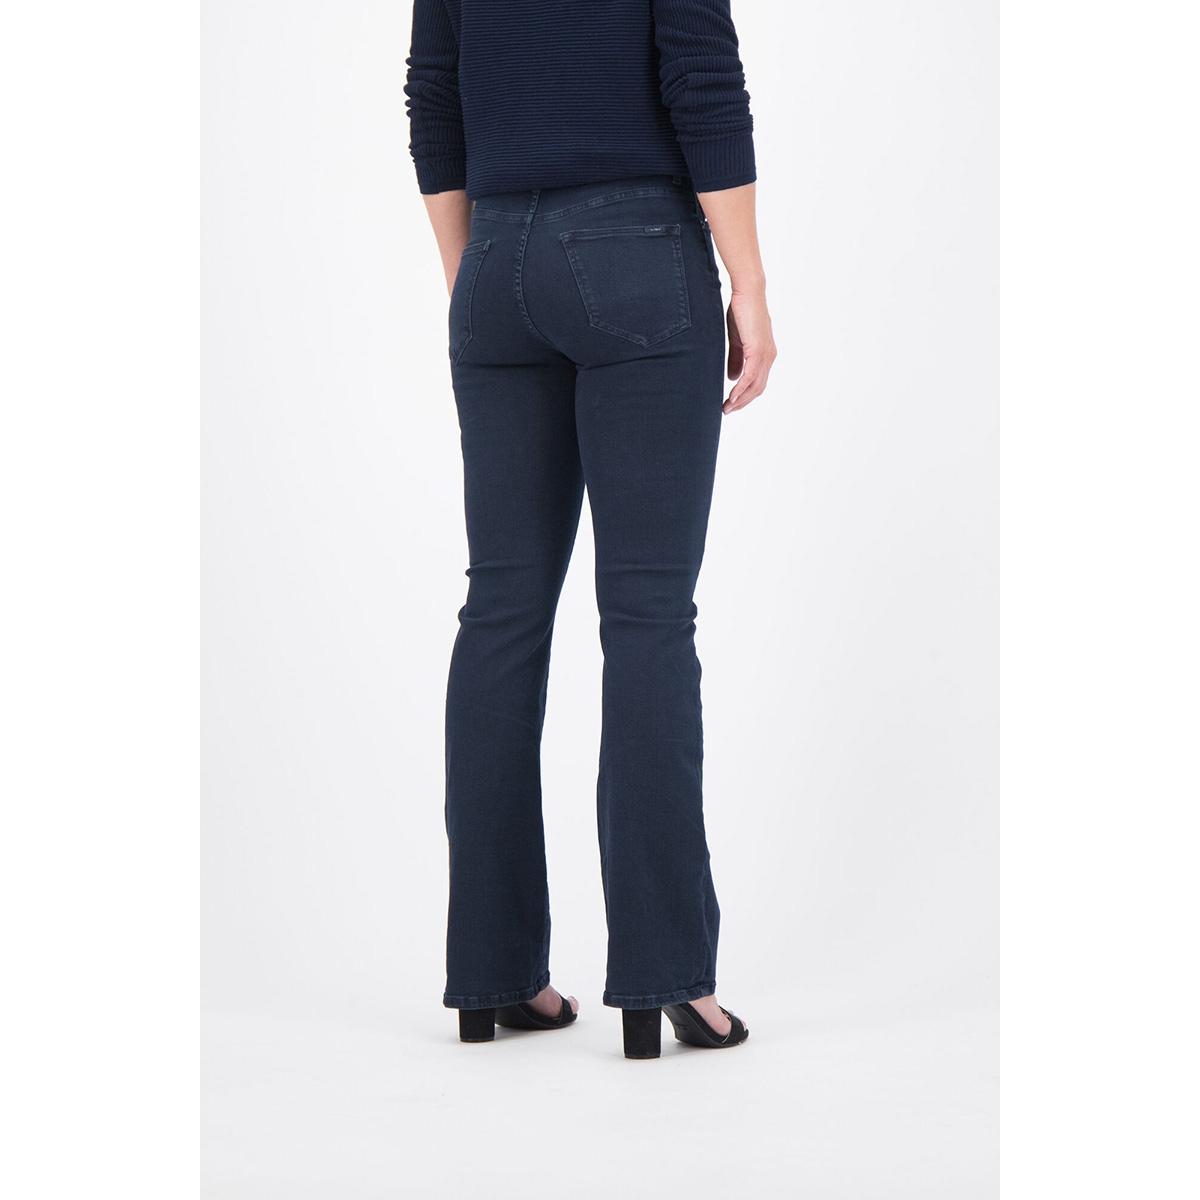 celia superslim fit gs900786 garcia jeans 6680 dark used